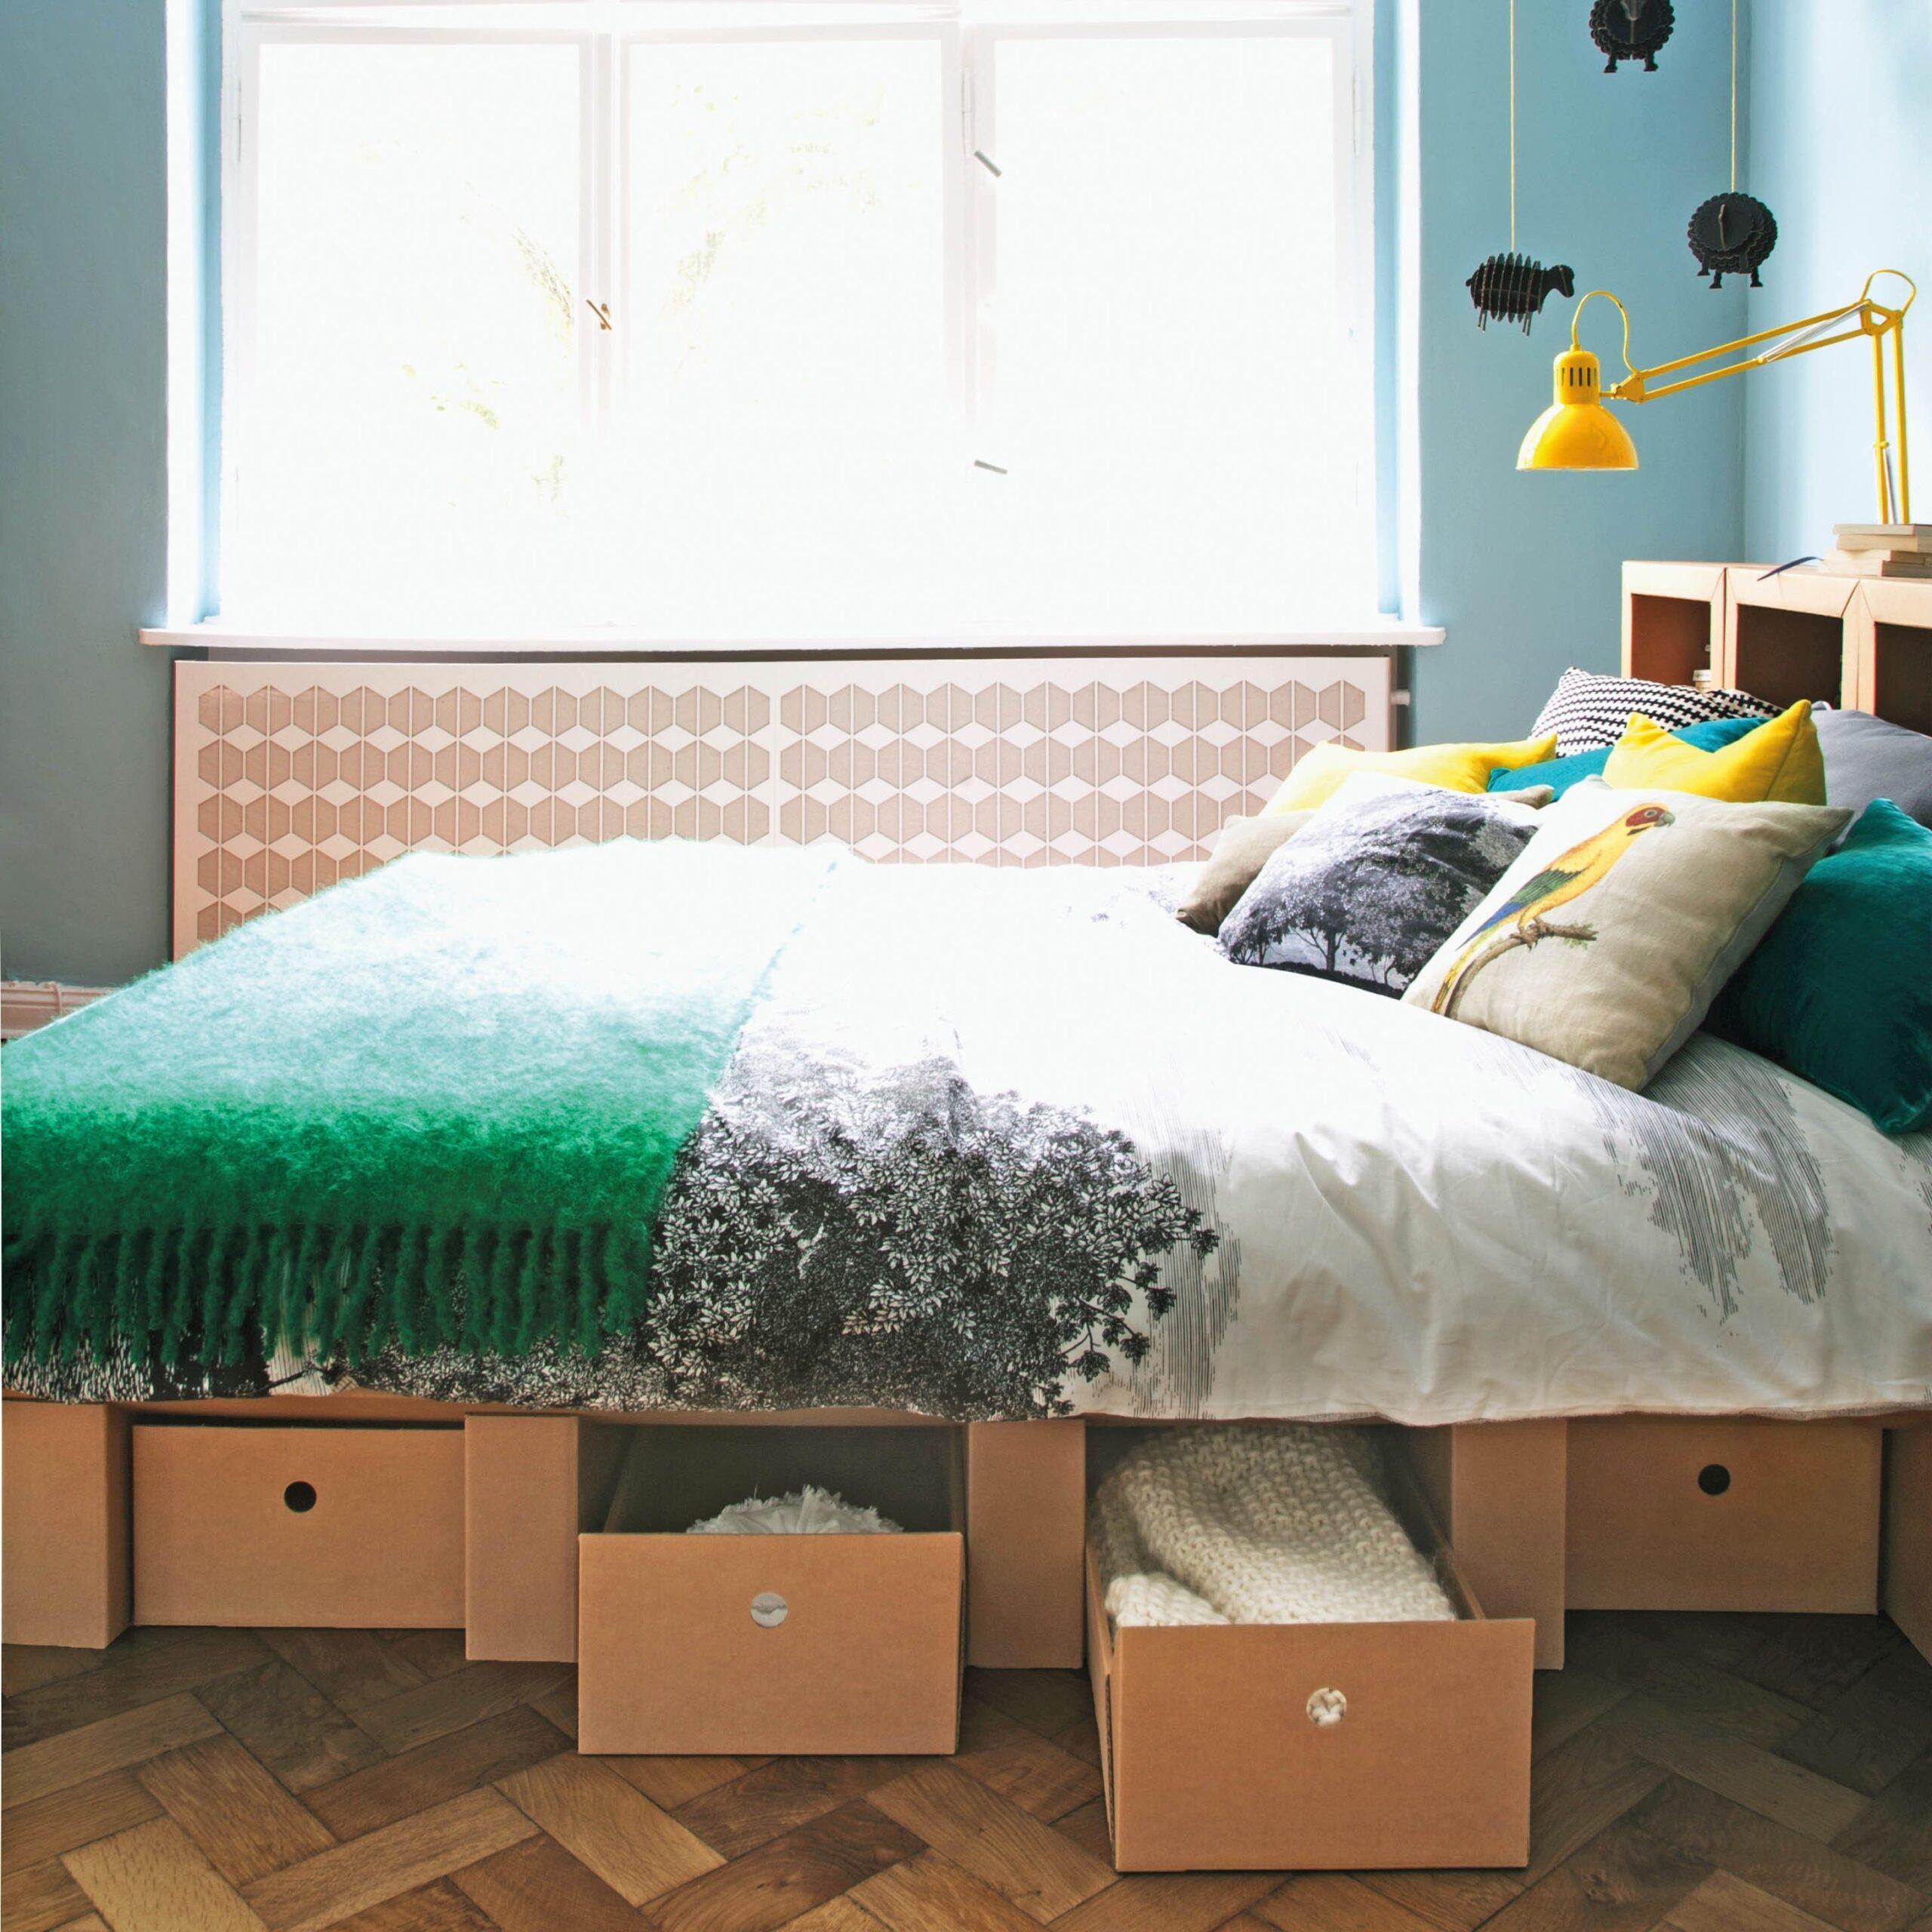 Full Size of Ikea Pappbett Bett Aus Pappe Online Bestellen Bei Stange Design Pappmbel Küche Kaufen Kosten Betten 160x200 Sofa Mit Schlaffunktion Modulküche Miniküche Wohnzimmer Pappbett Ikea